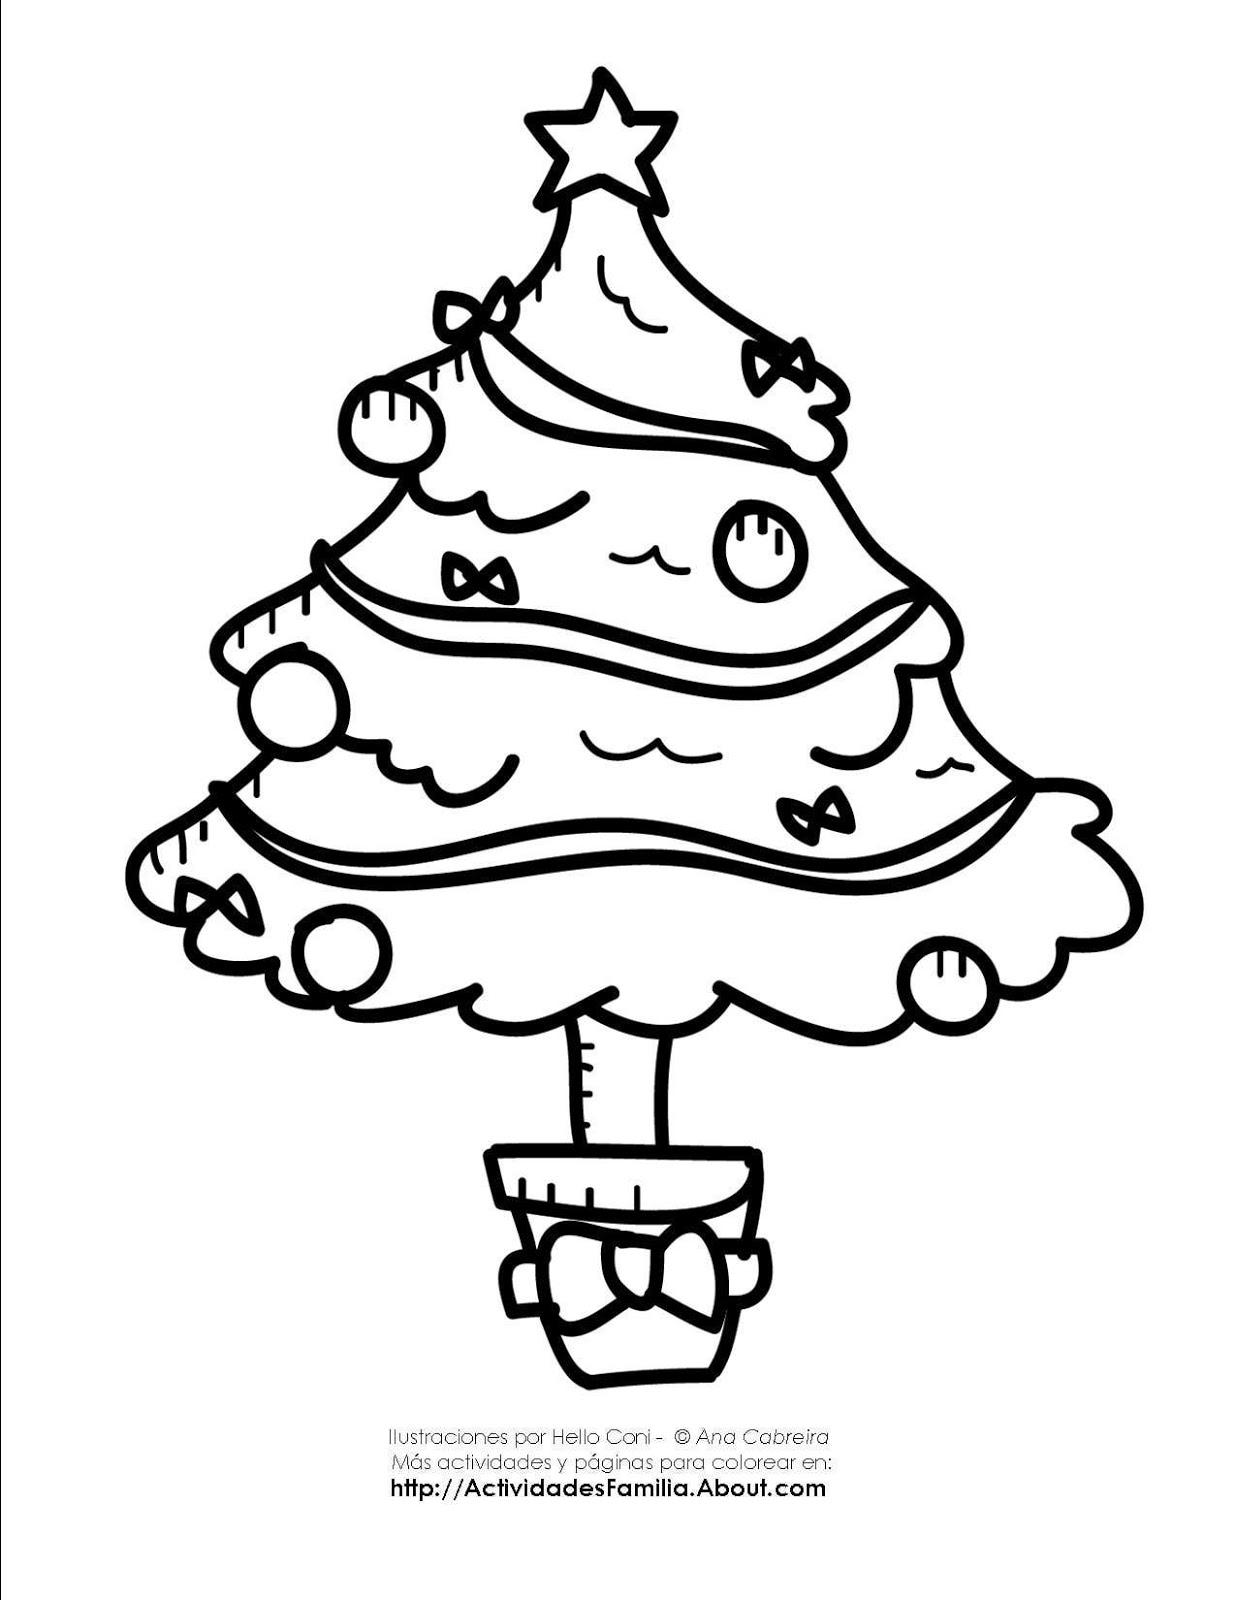 De navidad para colorear 2 arbol de navidad para colorear - Arbol de navidad para colorear ...